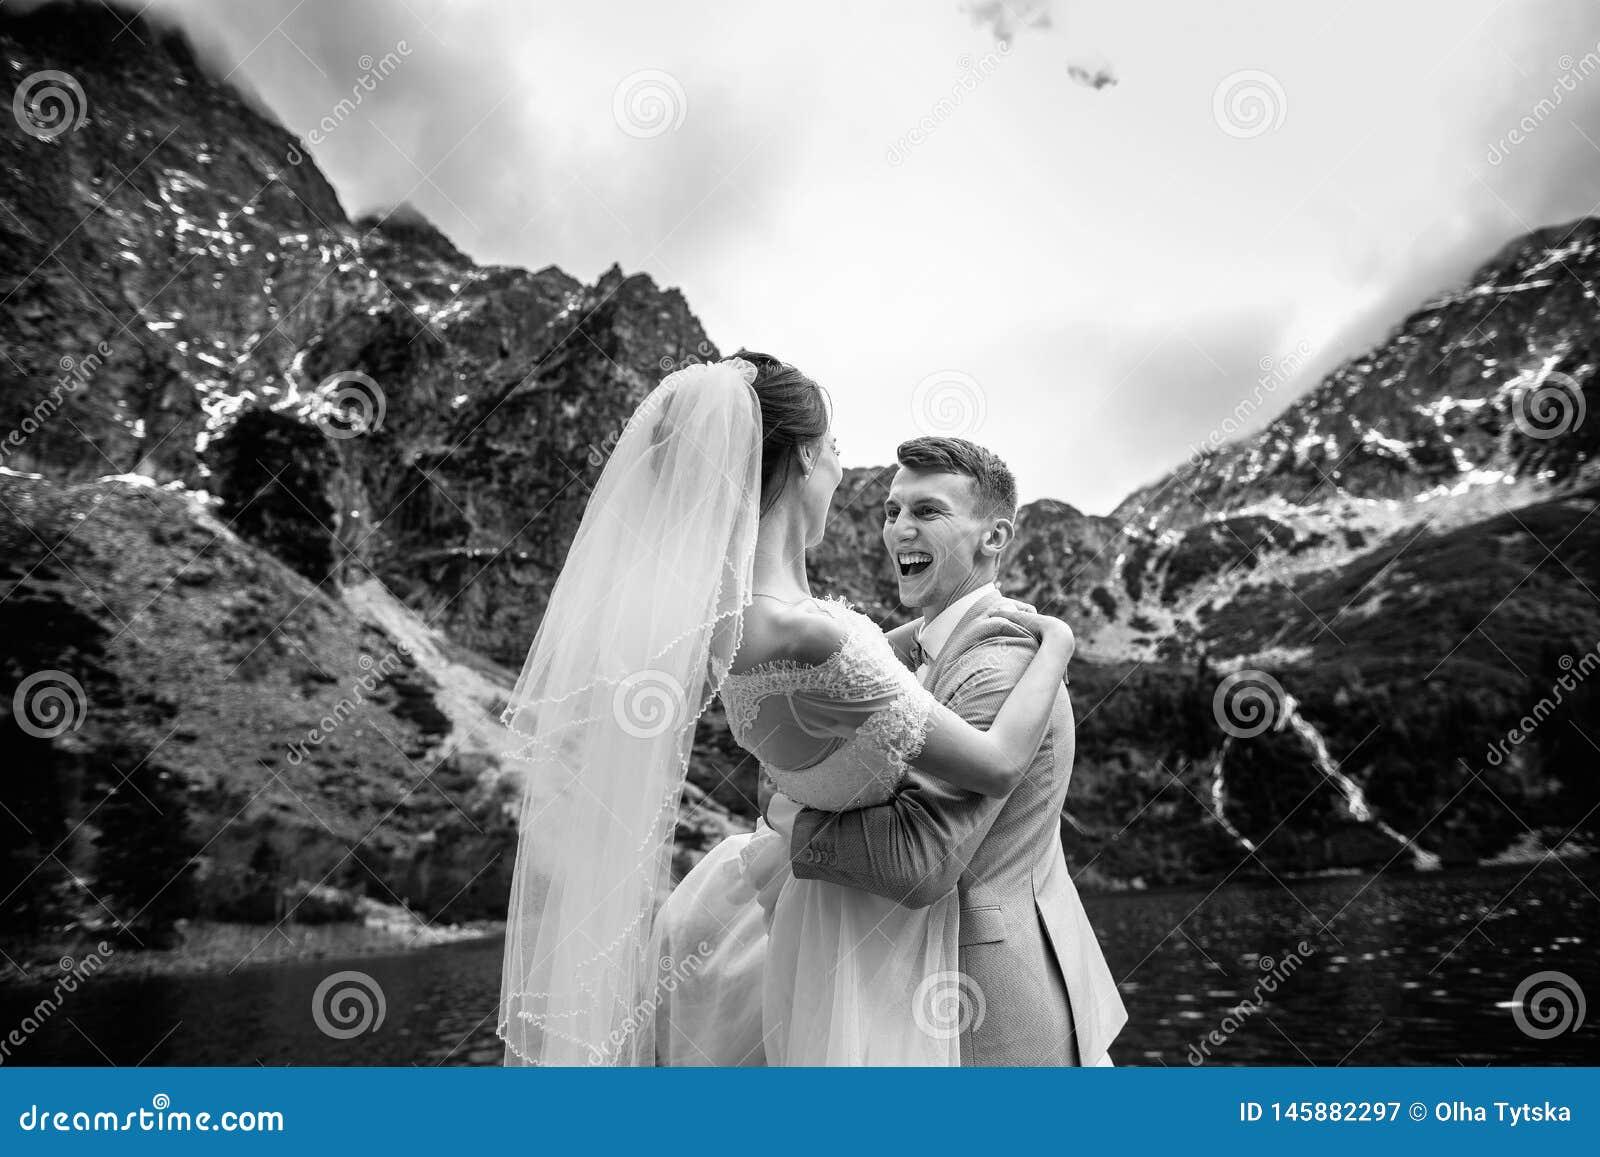 De bruidegom omcirkelt zijn jonge bruid, op de kust van het meer Morskie Oko polen De Zwart-witte foto van Peking, China